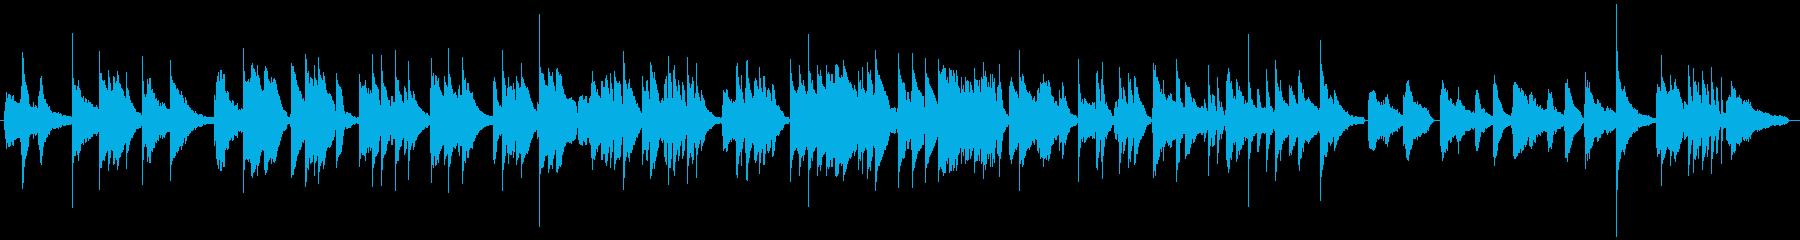 ピアノジャズボサノバBGMの再生済みの波形